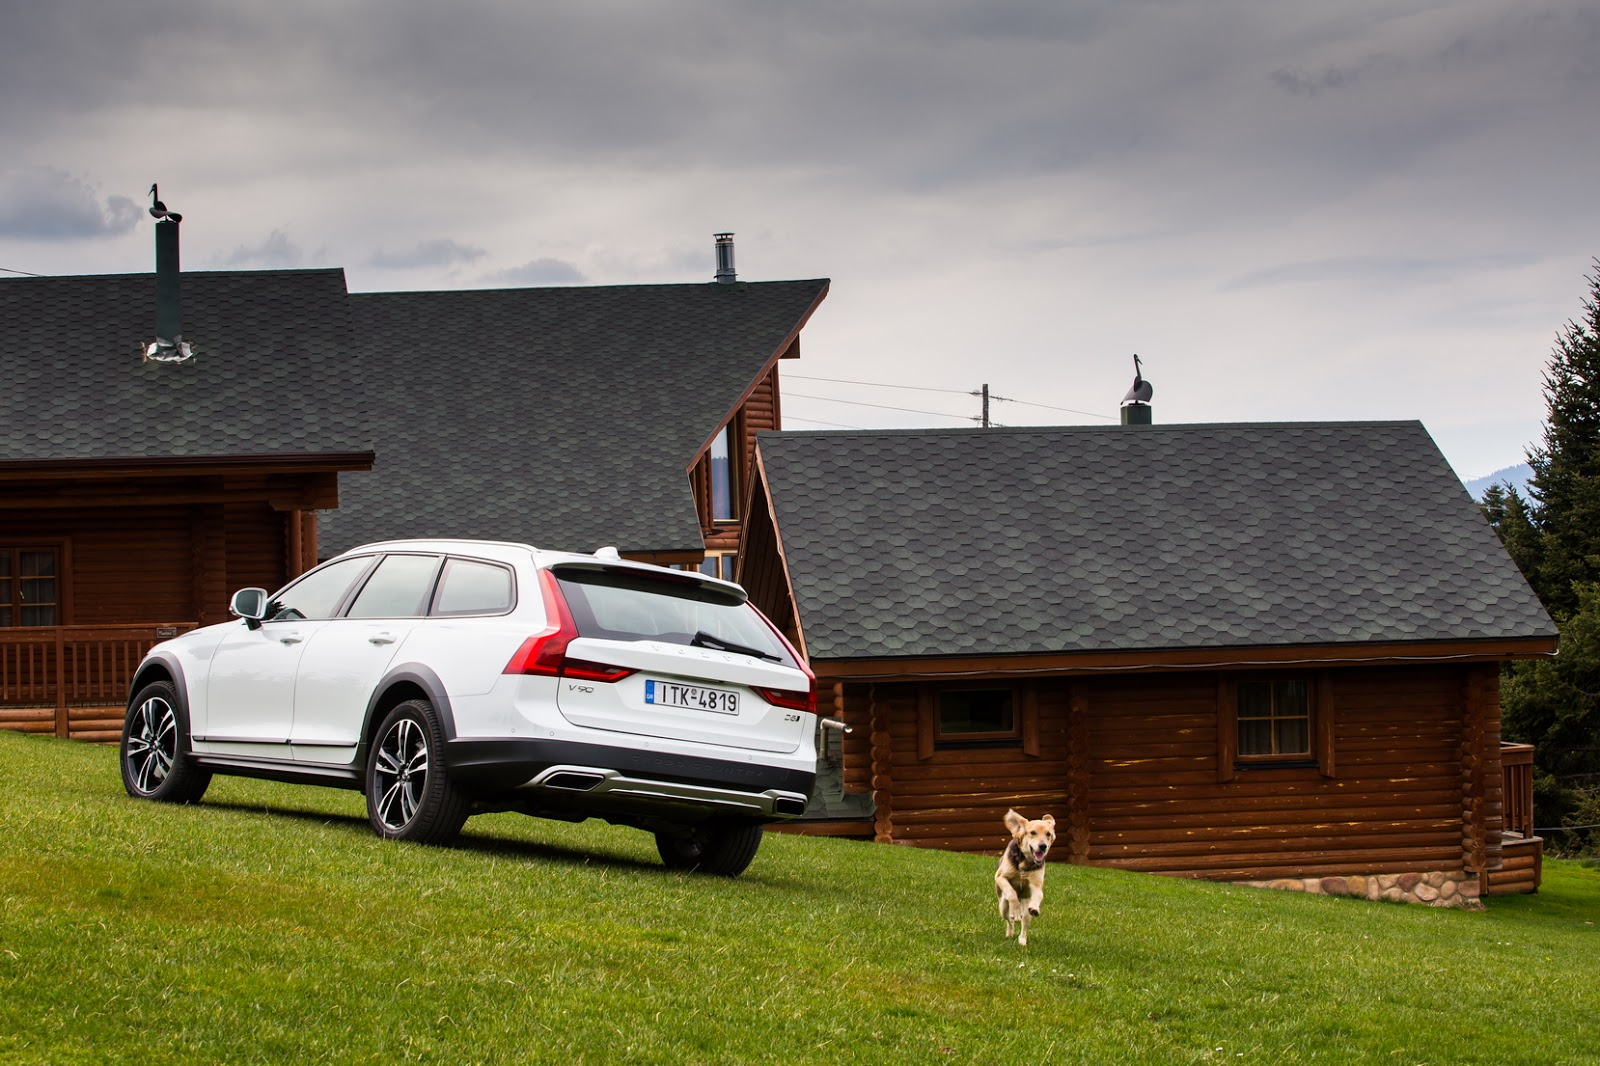 V902BCROSS2BCOUNTRY2B18 1 Το Volvo V90 Cross Country απευθύνεται σε ανήσυχους εξερευνητές της περιπέτειας! Crossover, Volvo, Volvo Car Hellas, Volvo Cars, Volvo V70 XC, Volvo V90 Cross Country, Volvo XC70